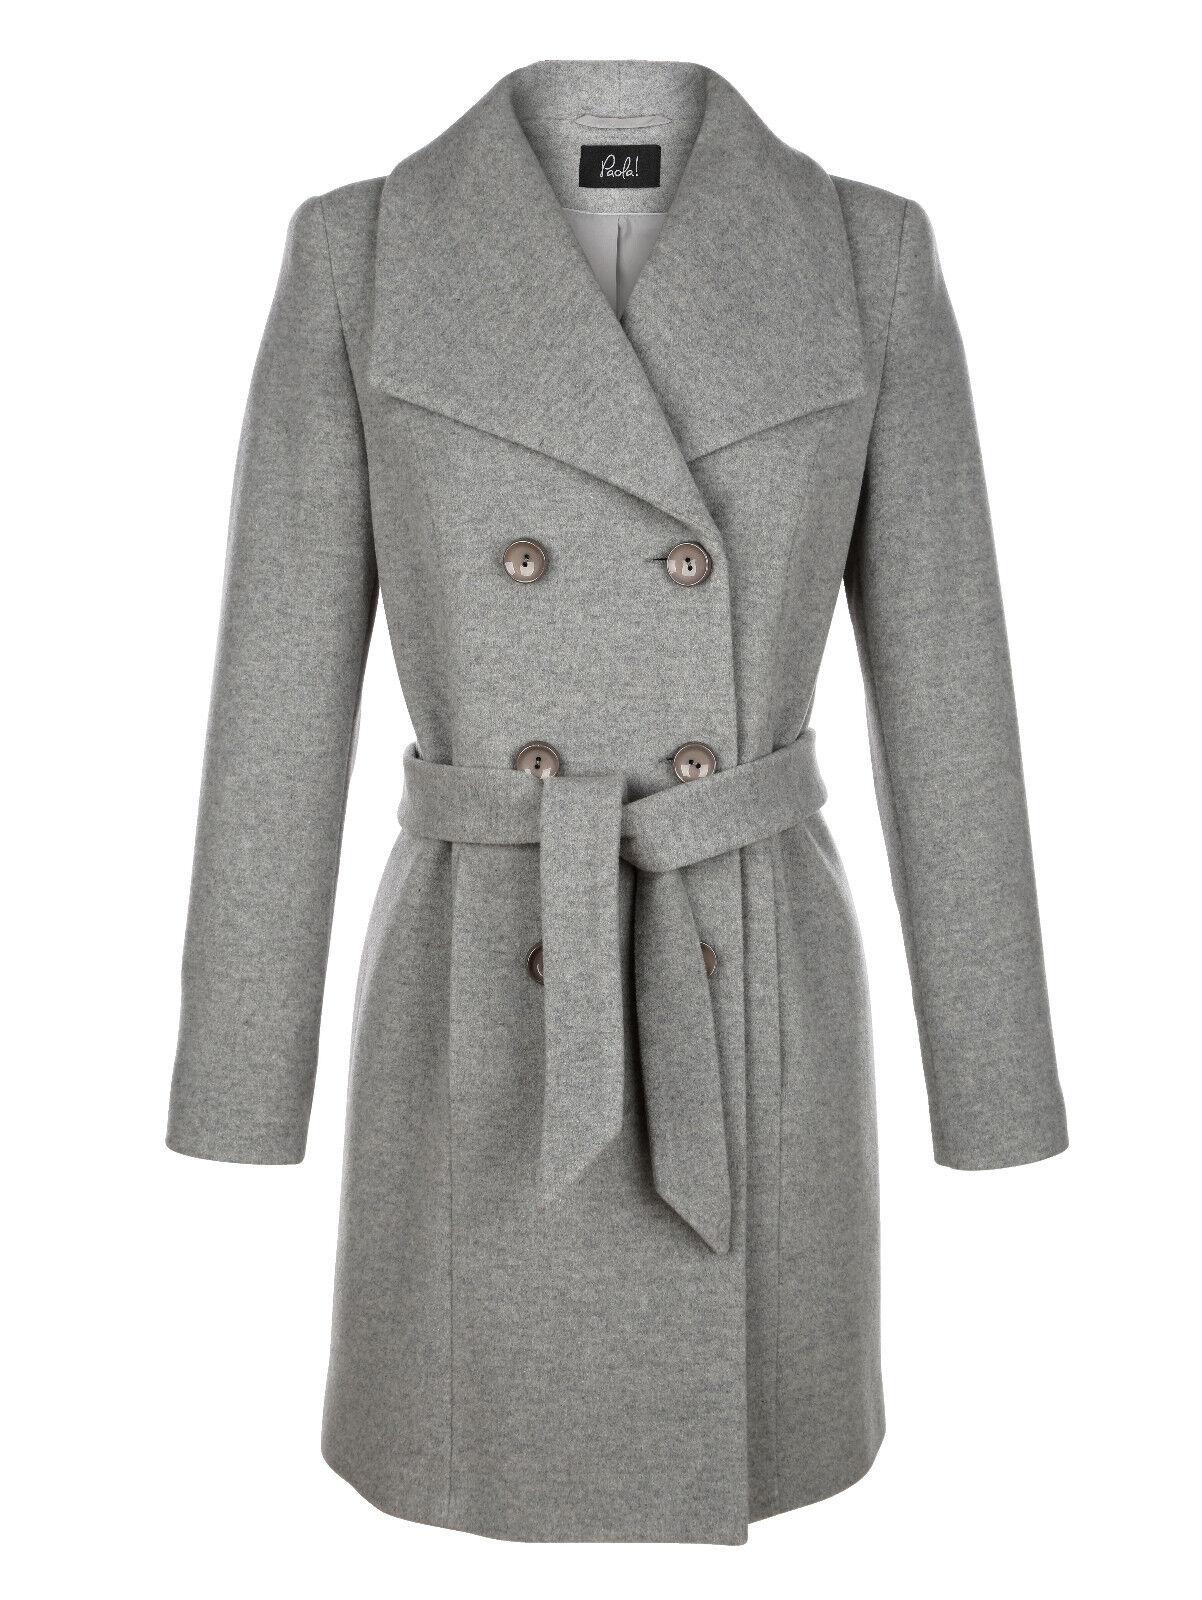 Marken Woll Mantel mit Kaschmir grey-meliert Gr. 48 0618797447